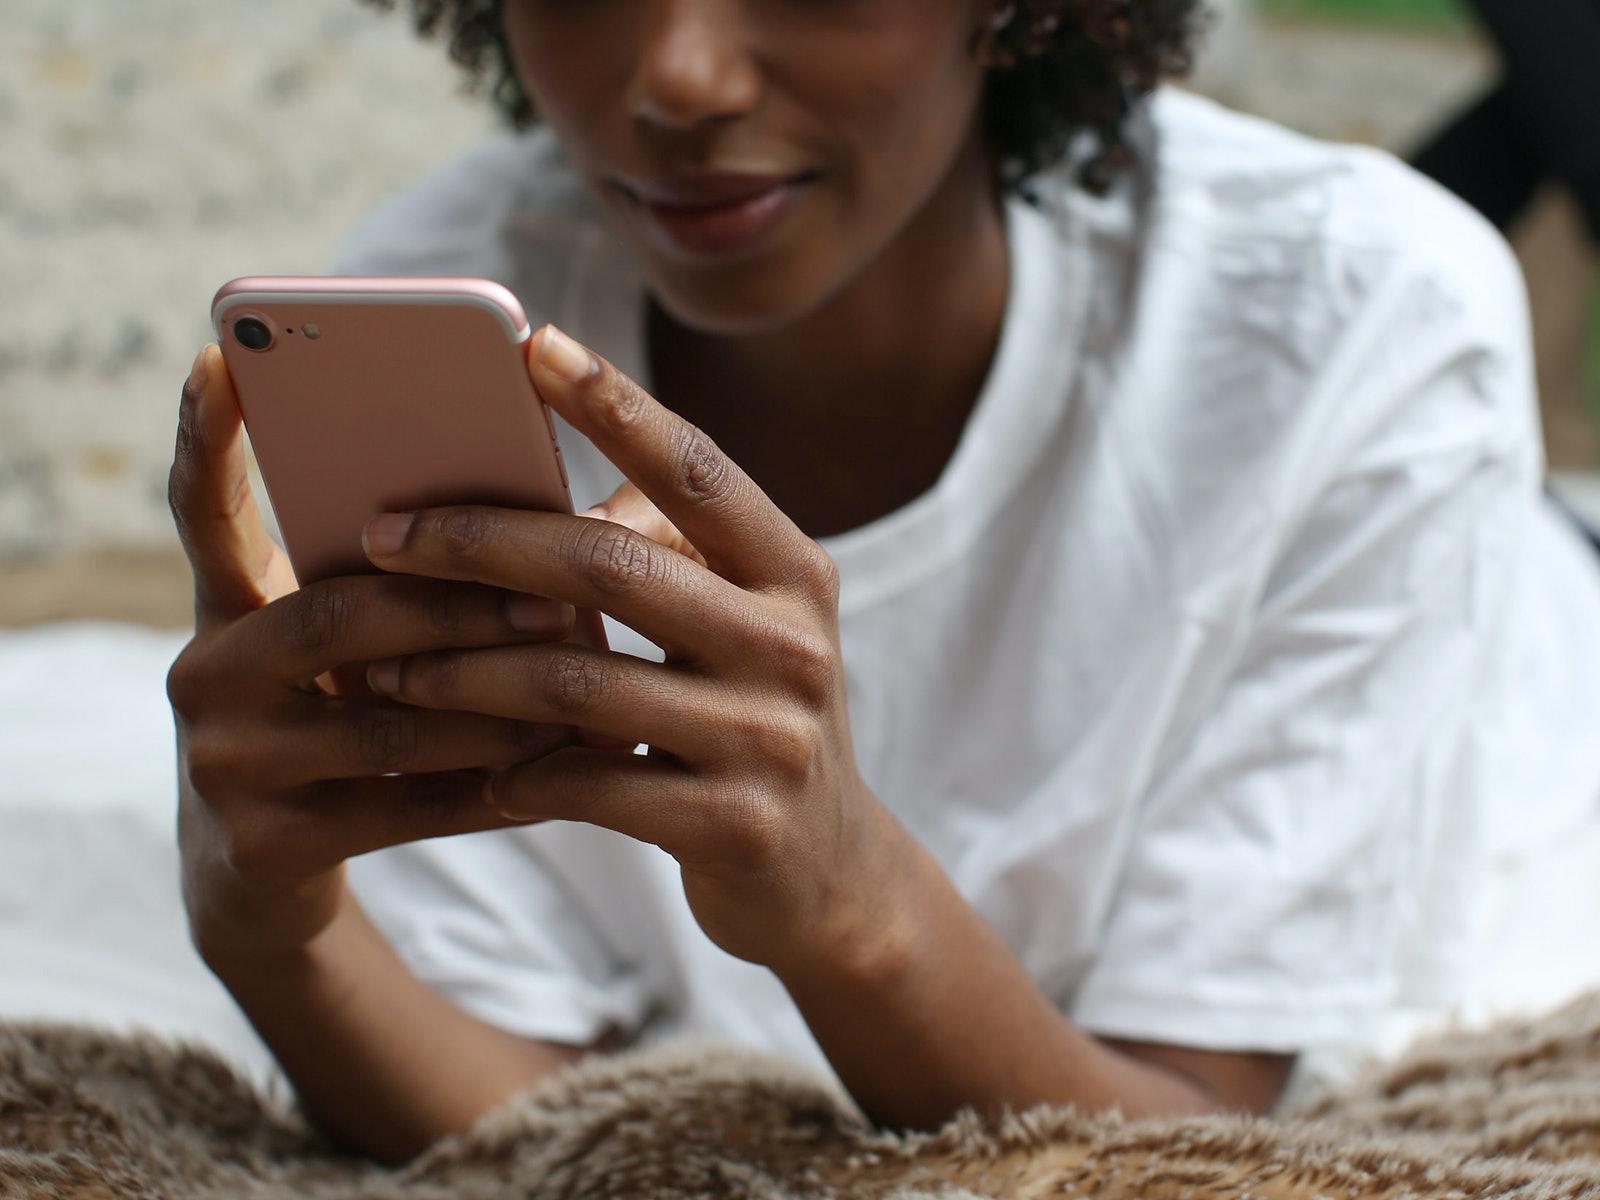 best online dating apps for millennials